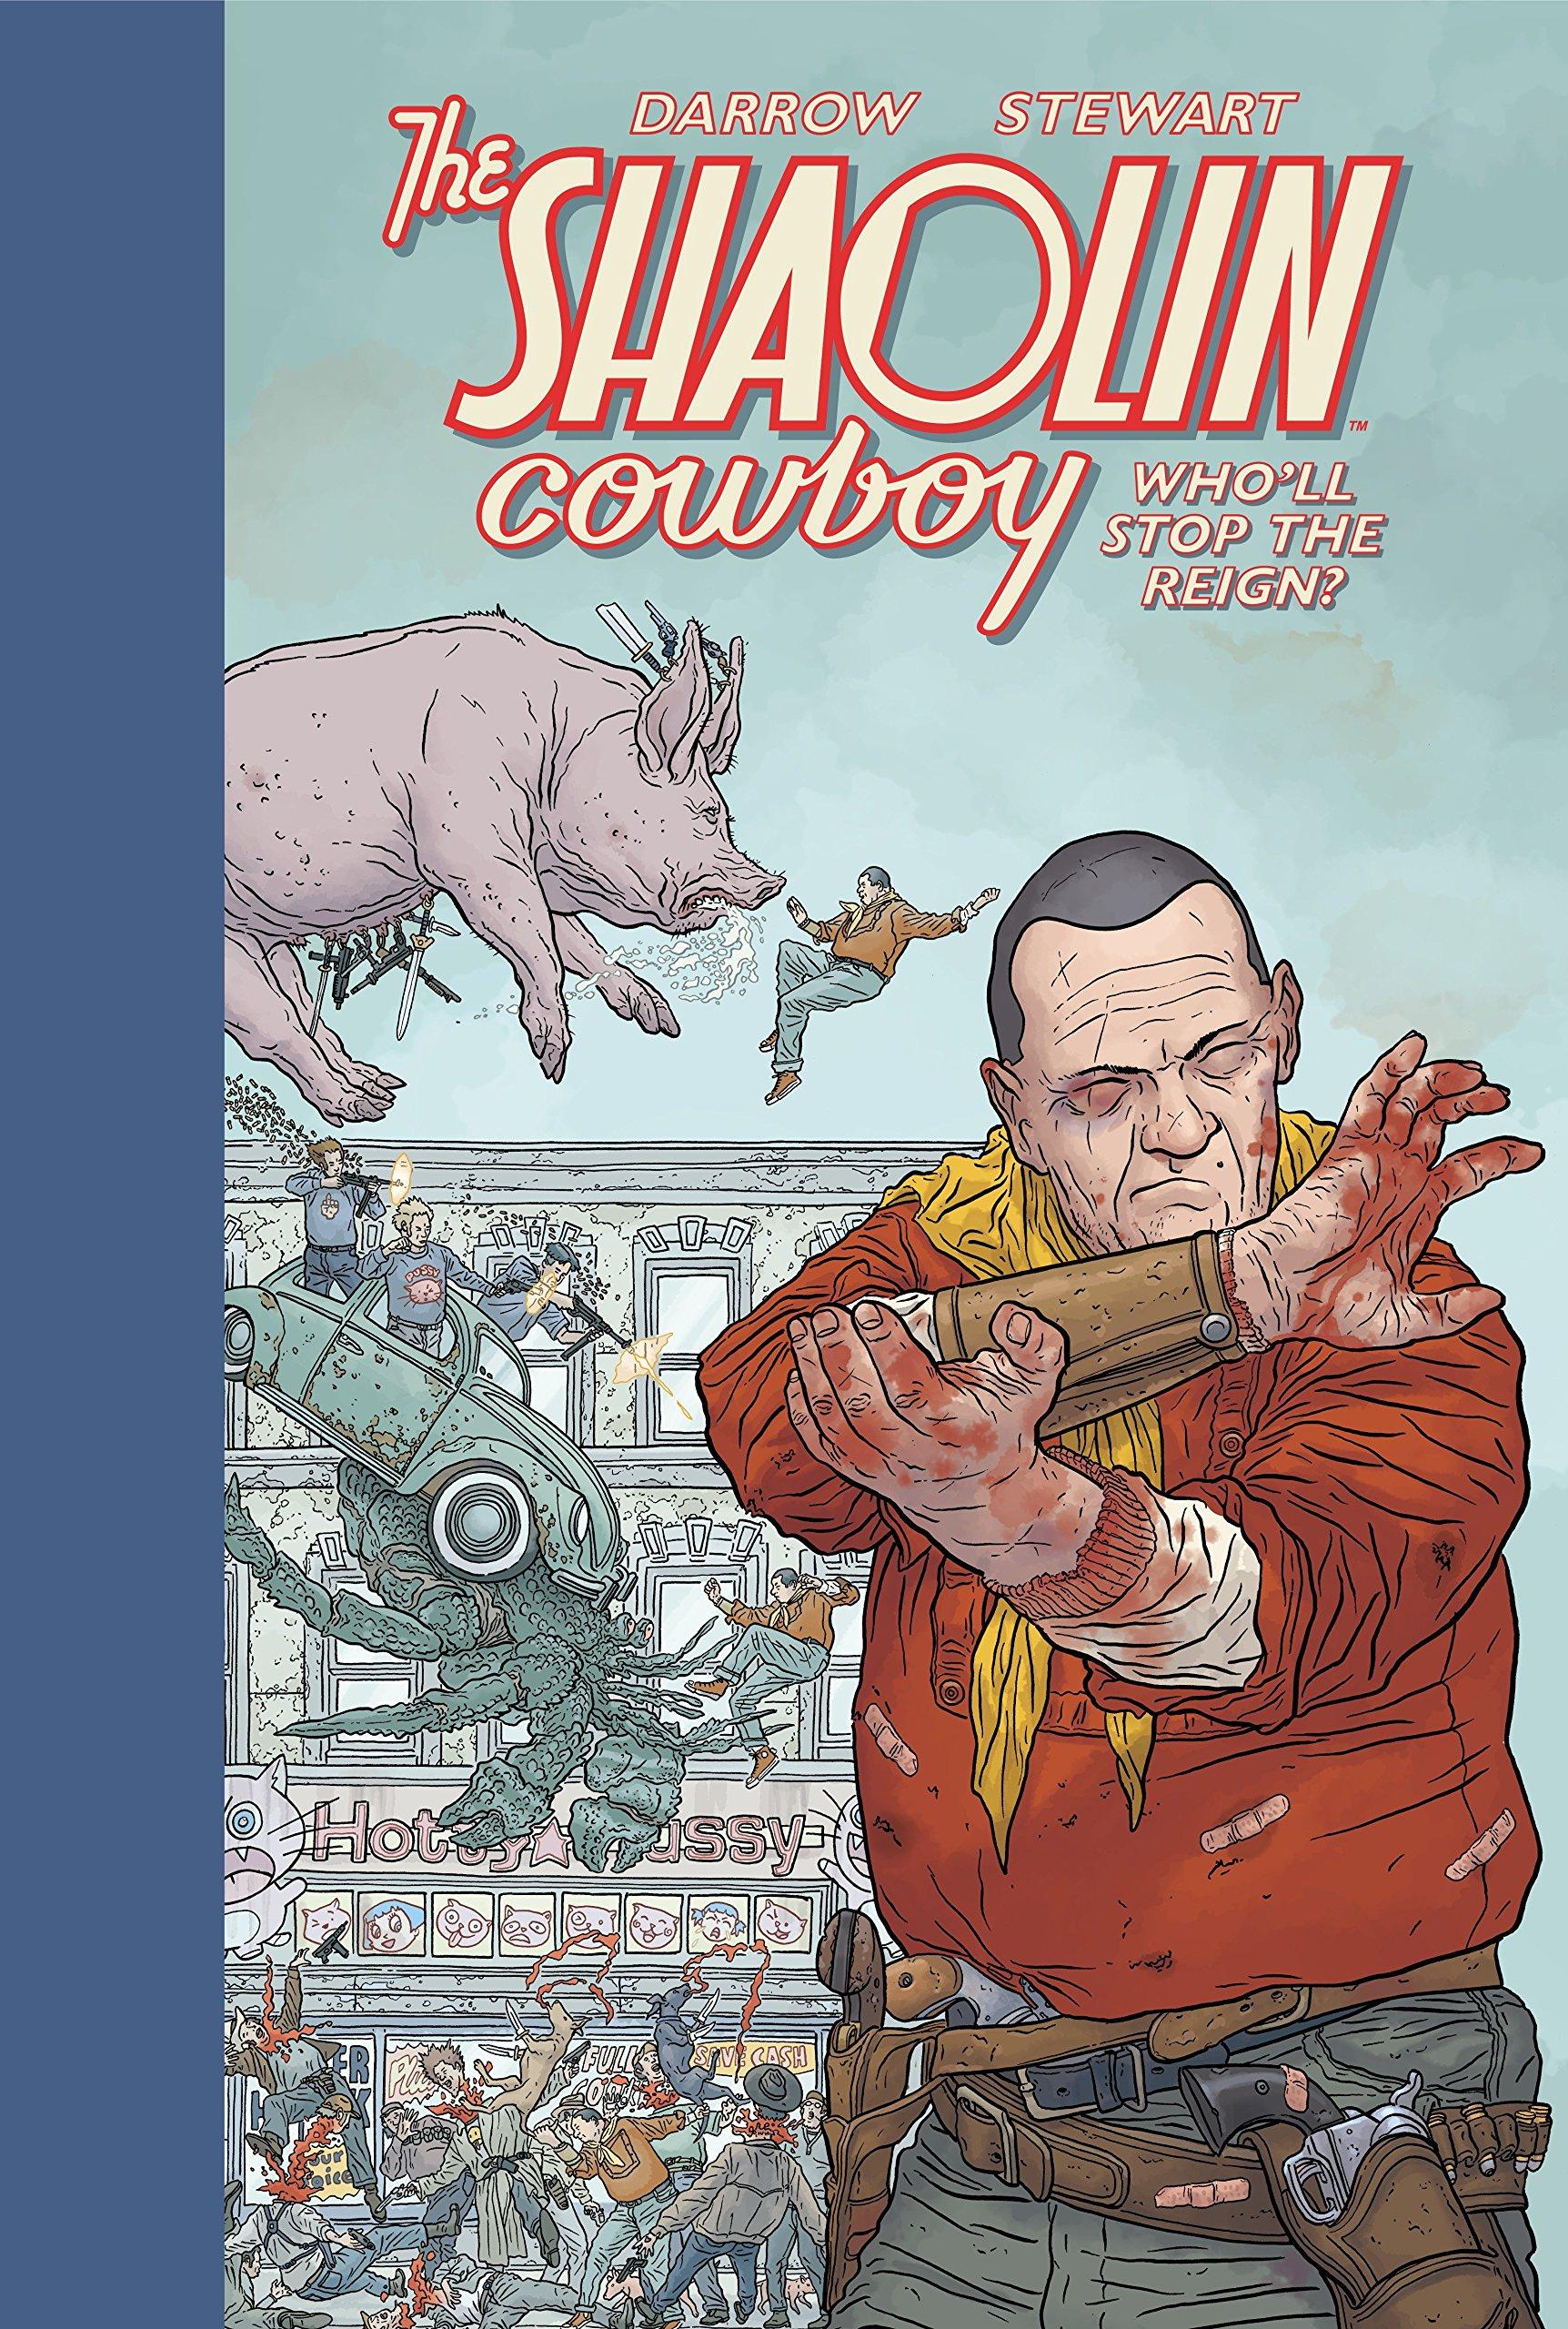 Shaolin Cowboy: Wholl Stop The Reign?: Amazon.es: Darrow, Geof: Libros en idiomas extranjeros